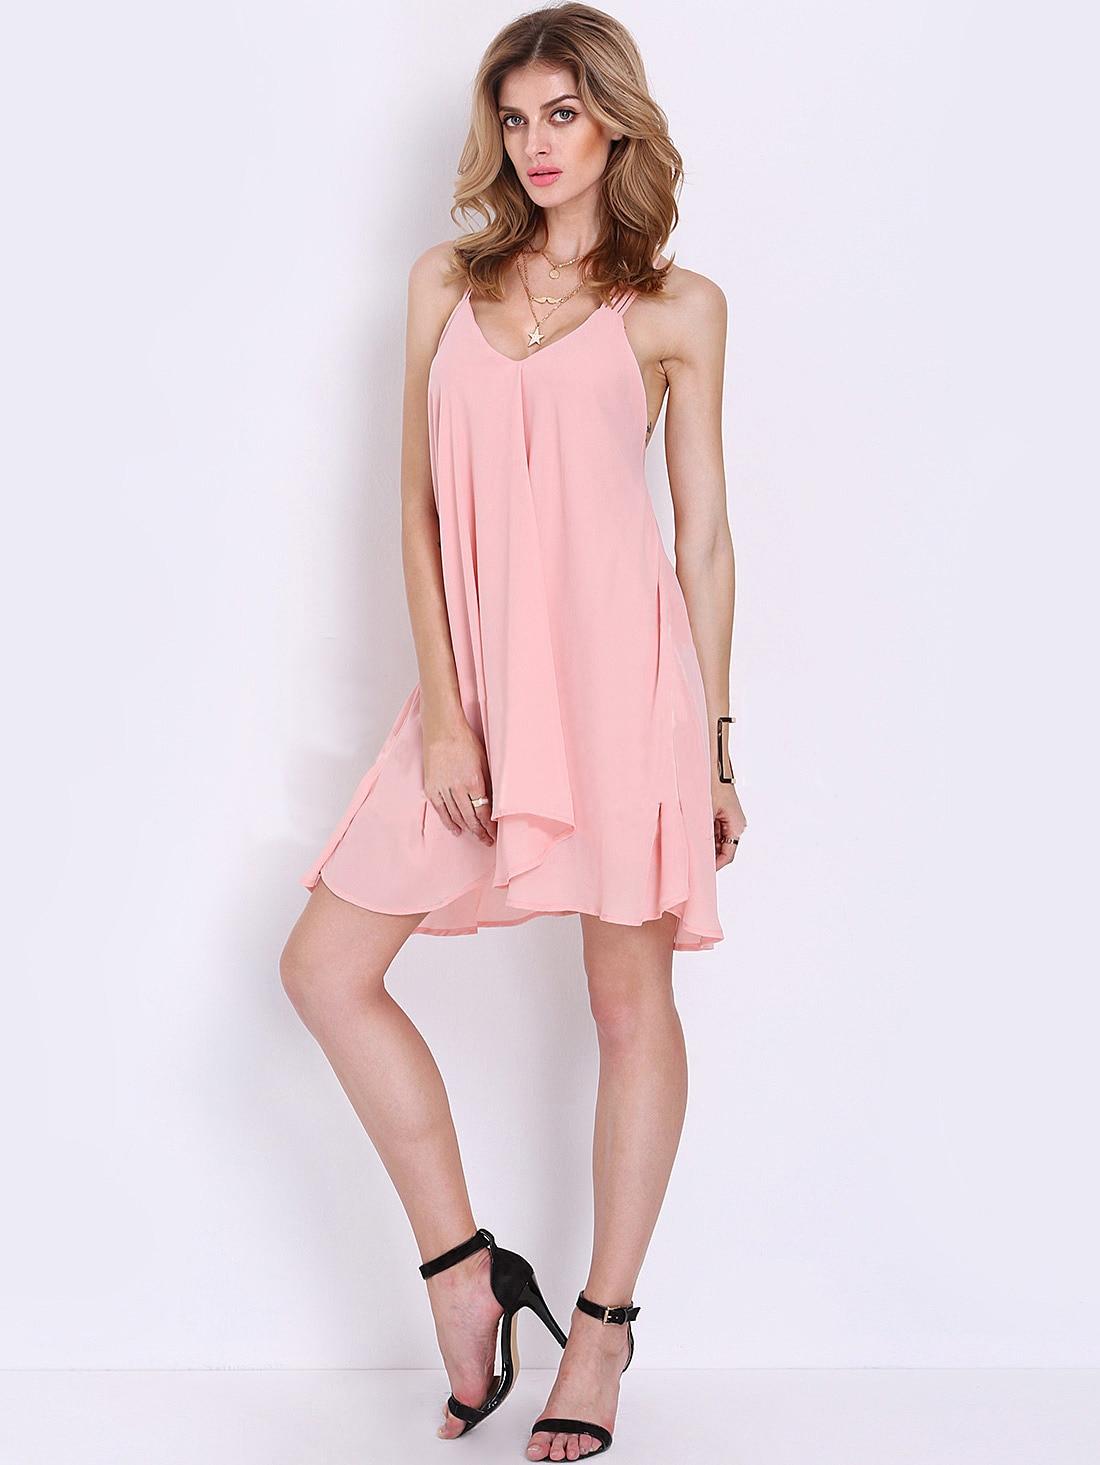 Pink Chiffon Spaghetti Strap Women Sun Dress Open Back -5246